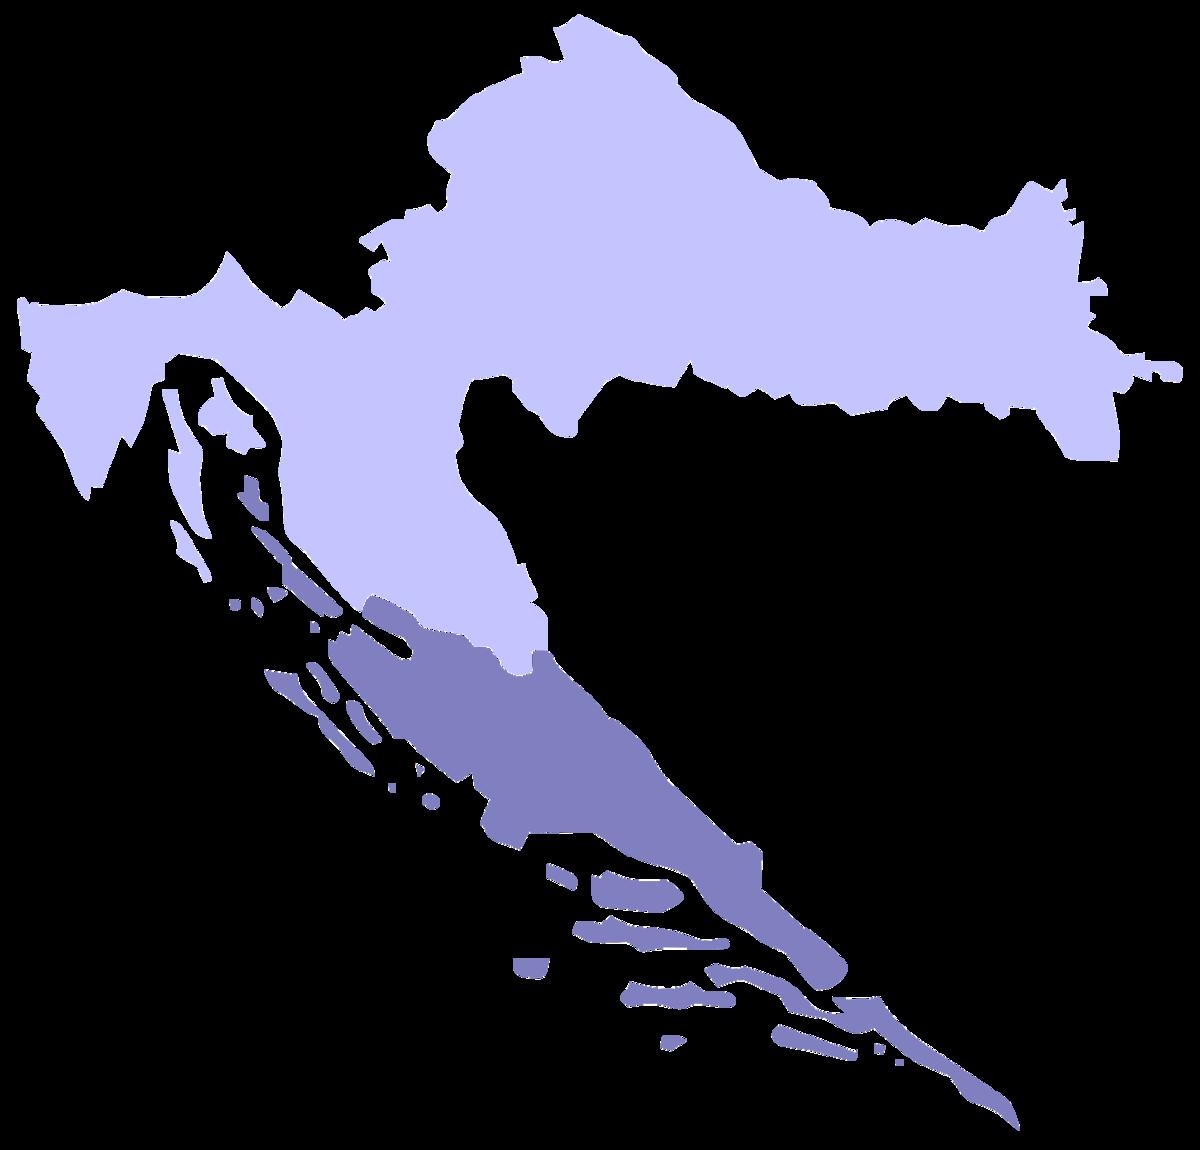 Croatia-Dalmatia.png